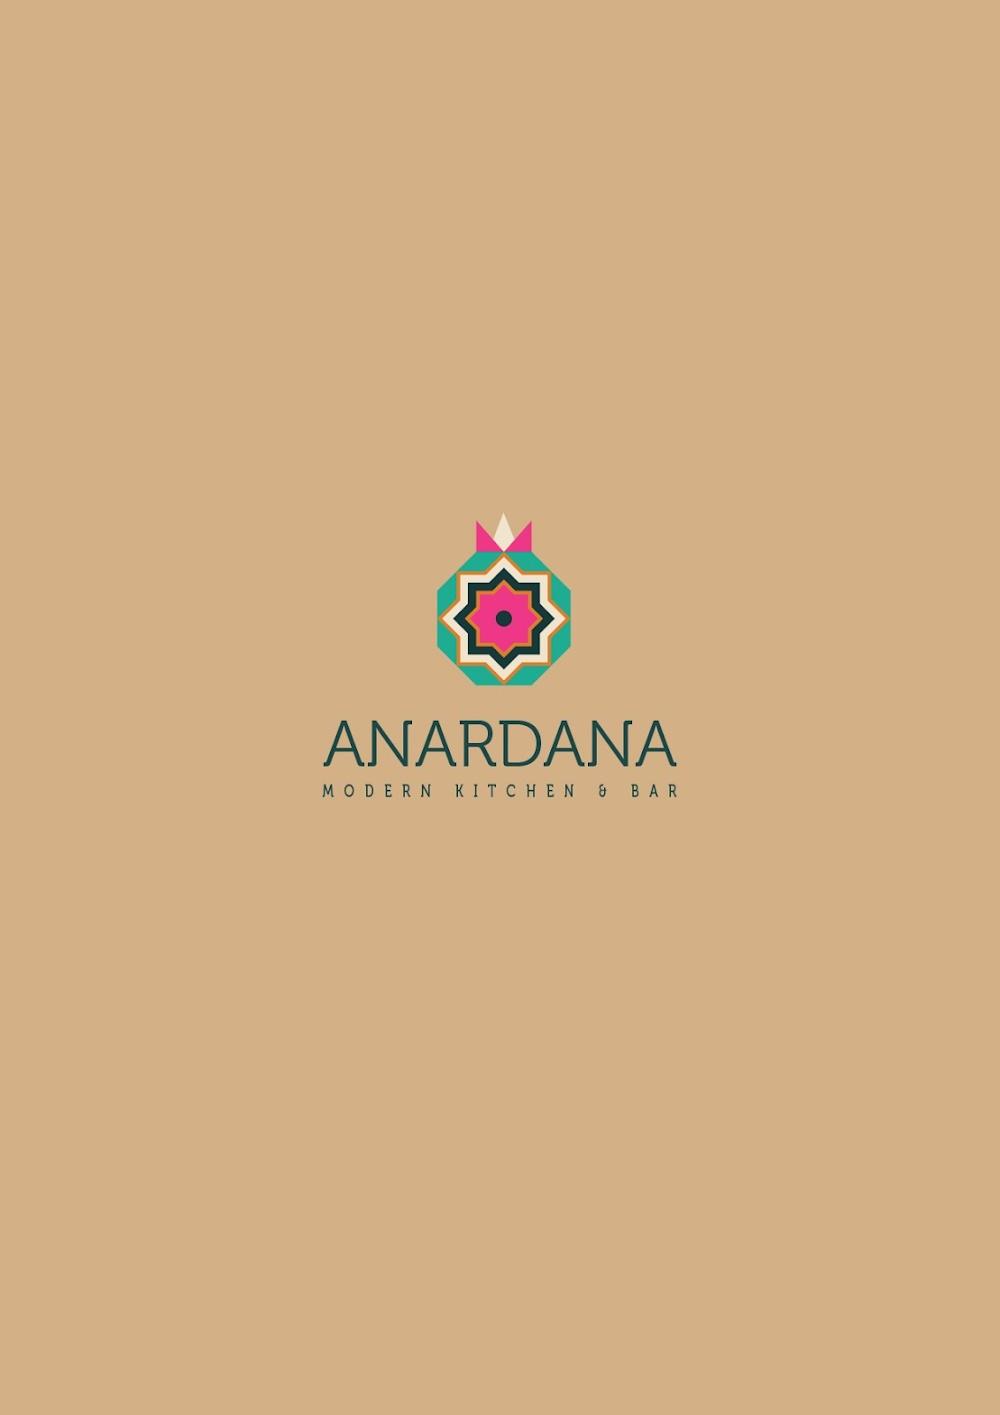 Anardana Modern Kitchen & Bar menu 1